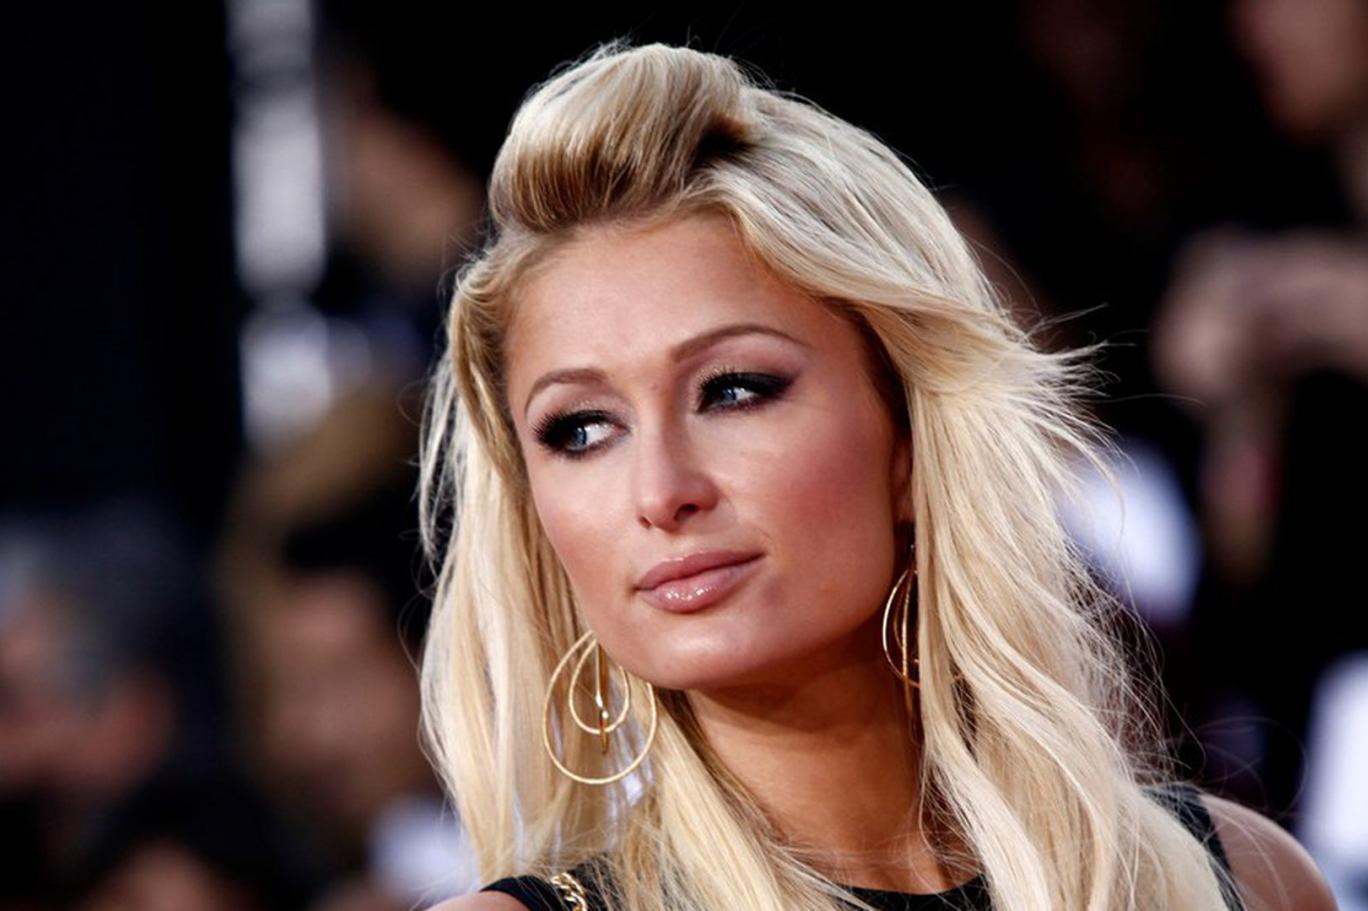 İkiz bebekler istediğini söyleyen Paris Hilton kızına koyacağı ismi açıkladı | Independent Türkçe